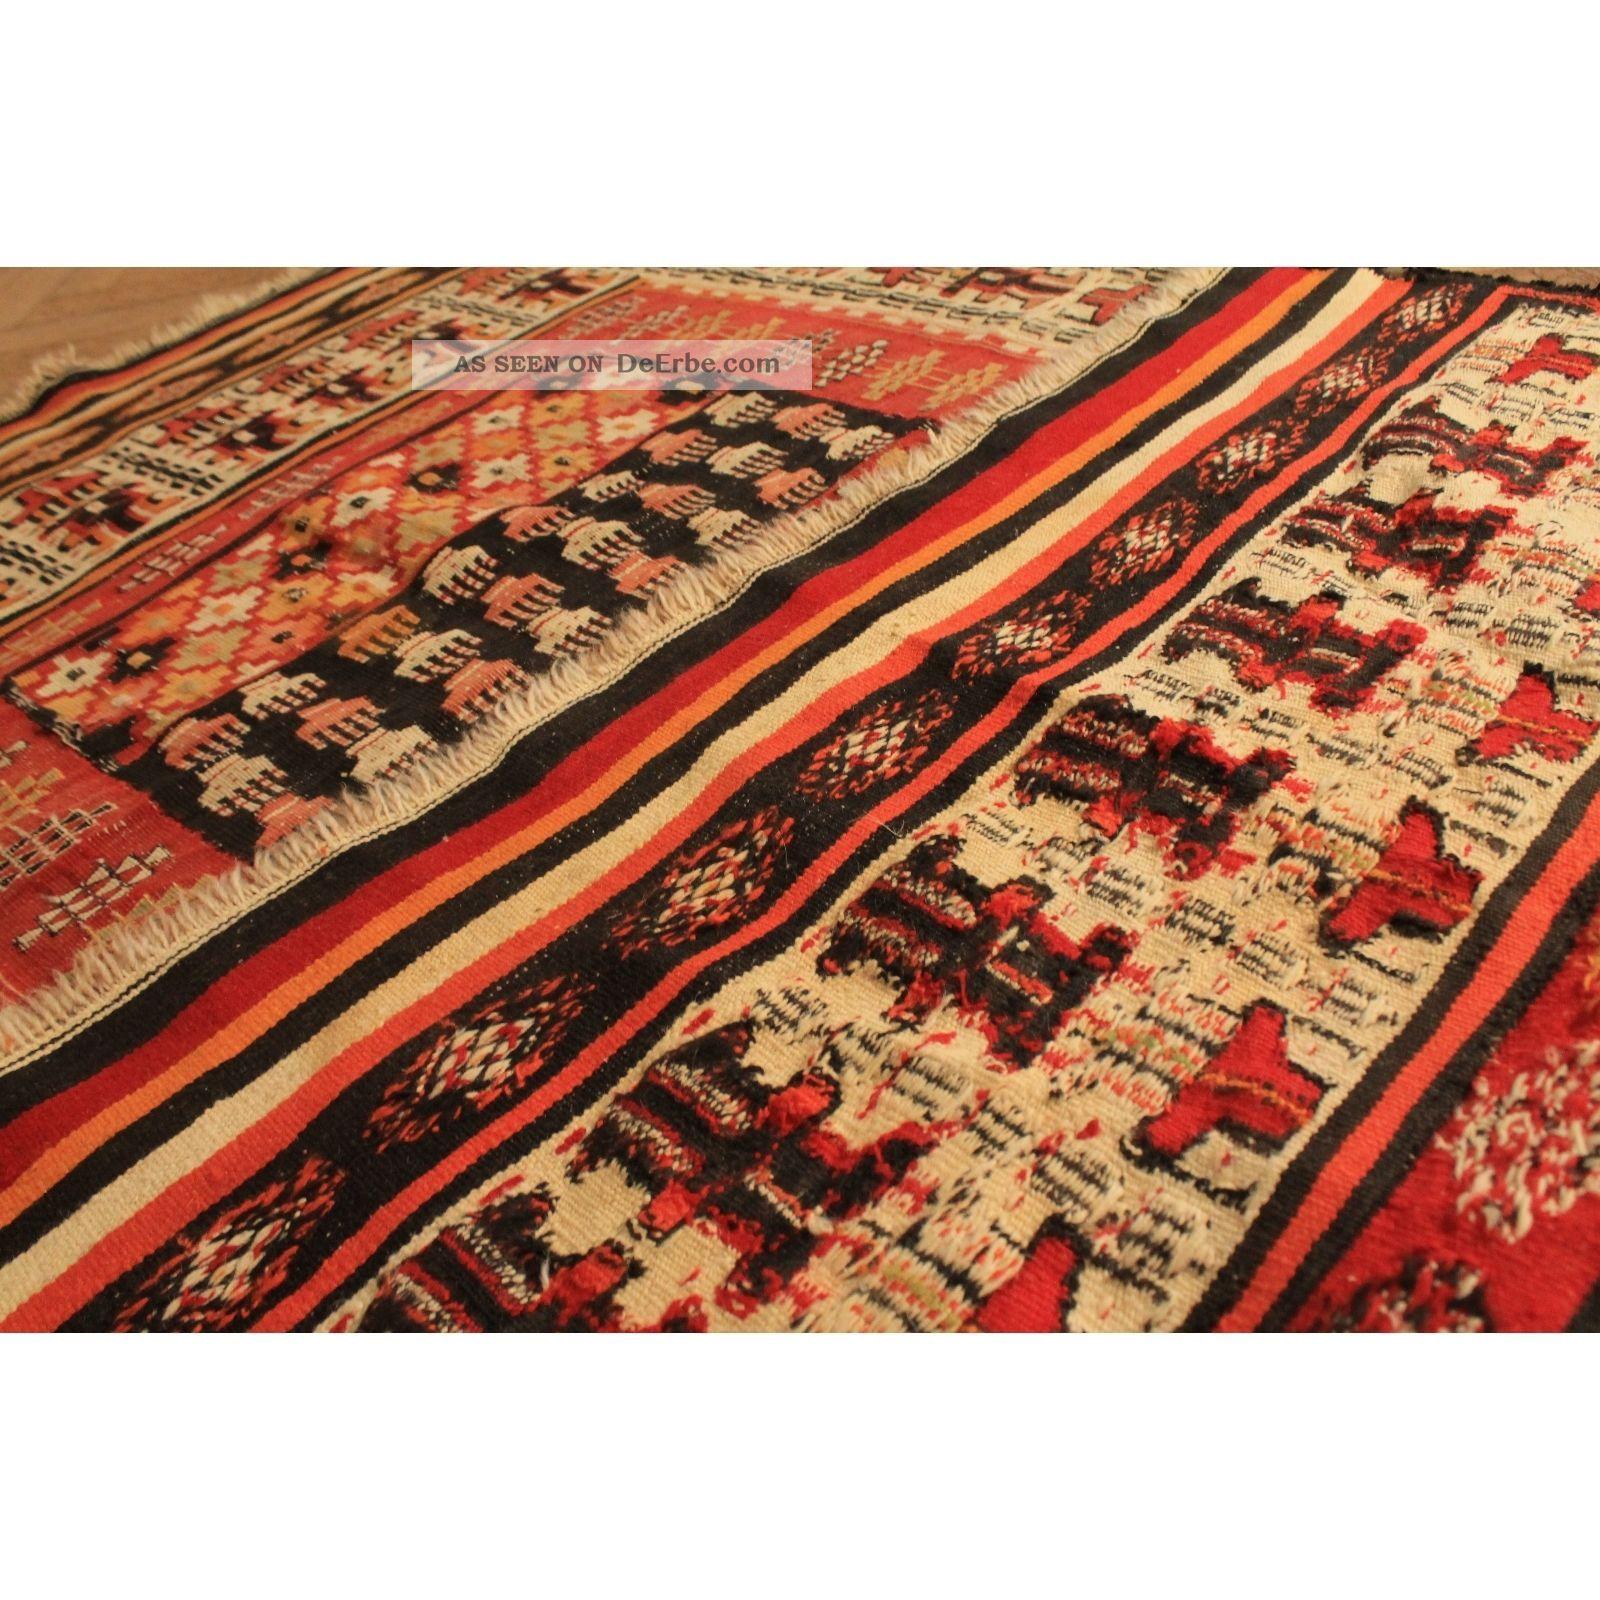 antiker sammler teppich kelim sumack kaukasus old rug carpet tappeto 120x200cm. Black Bedroom Furniture Sets. Home Design Ideas